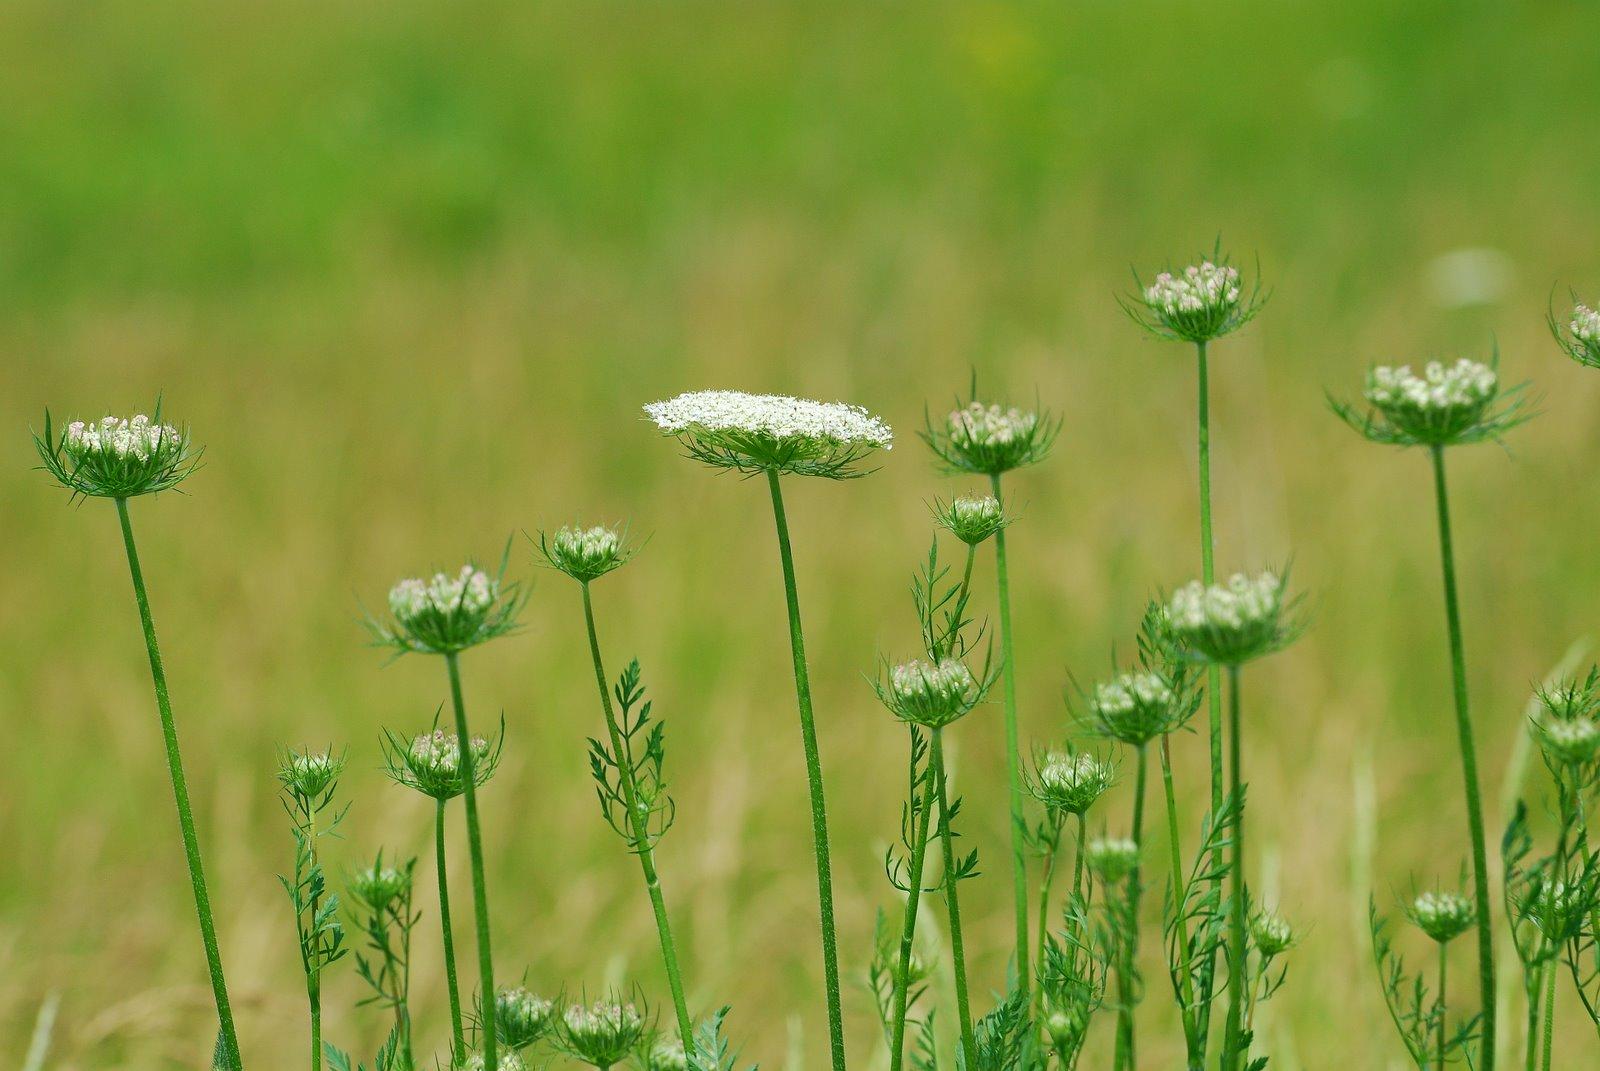 Nikon sniper tall grass decorations for Tall grass decor